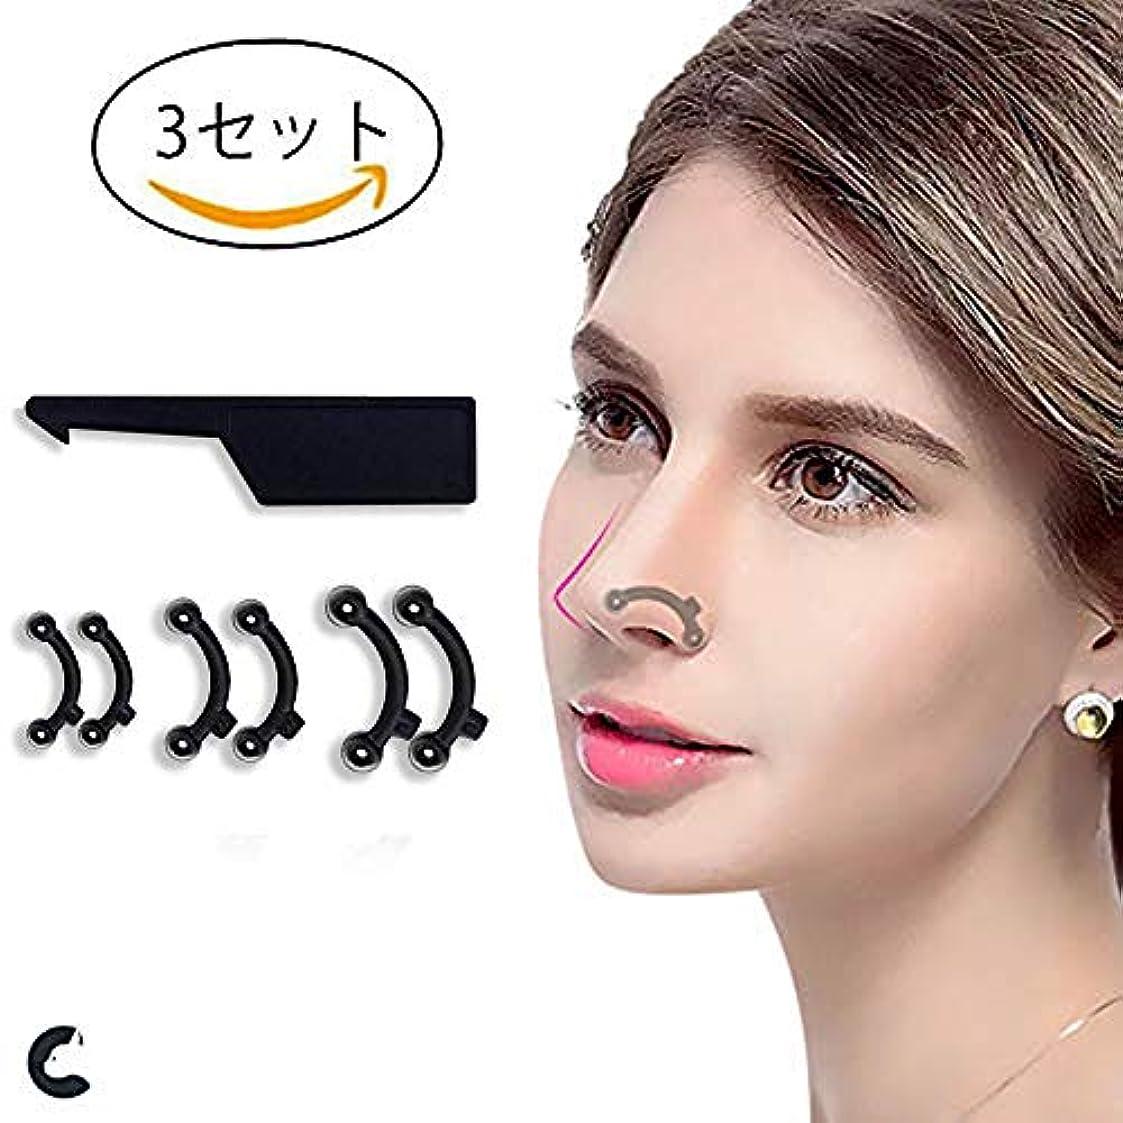 その後自我長方形ICOUCHI 鼻プチ シリコン プチ整形 痛くない 柔軟性高く矯正プチ 整形せず 鼻筋矯正 23mm/24.5mm/26mm全3サイズ